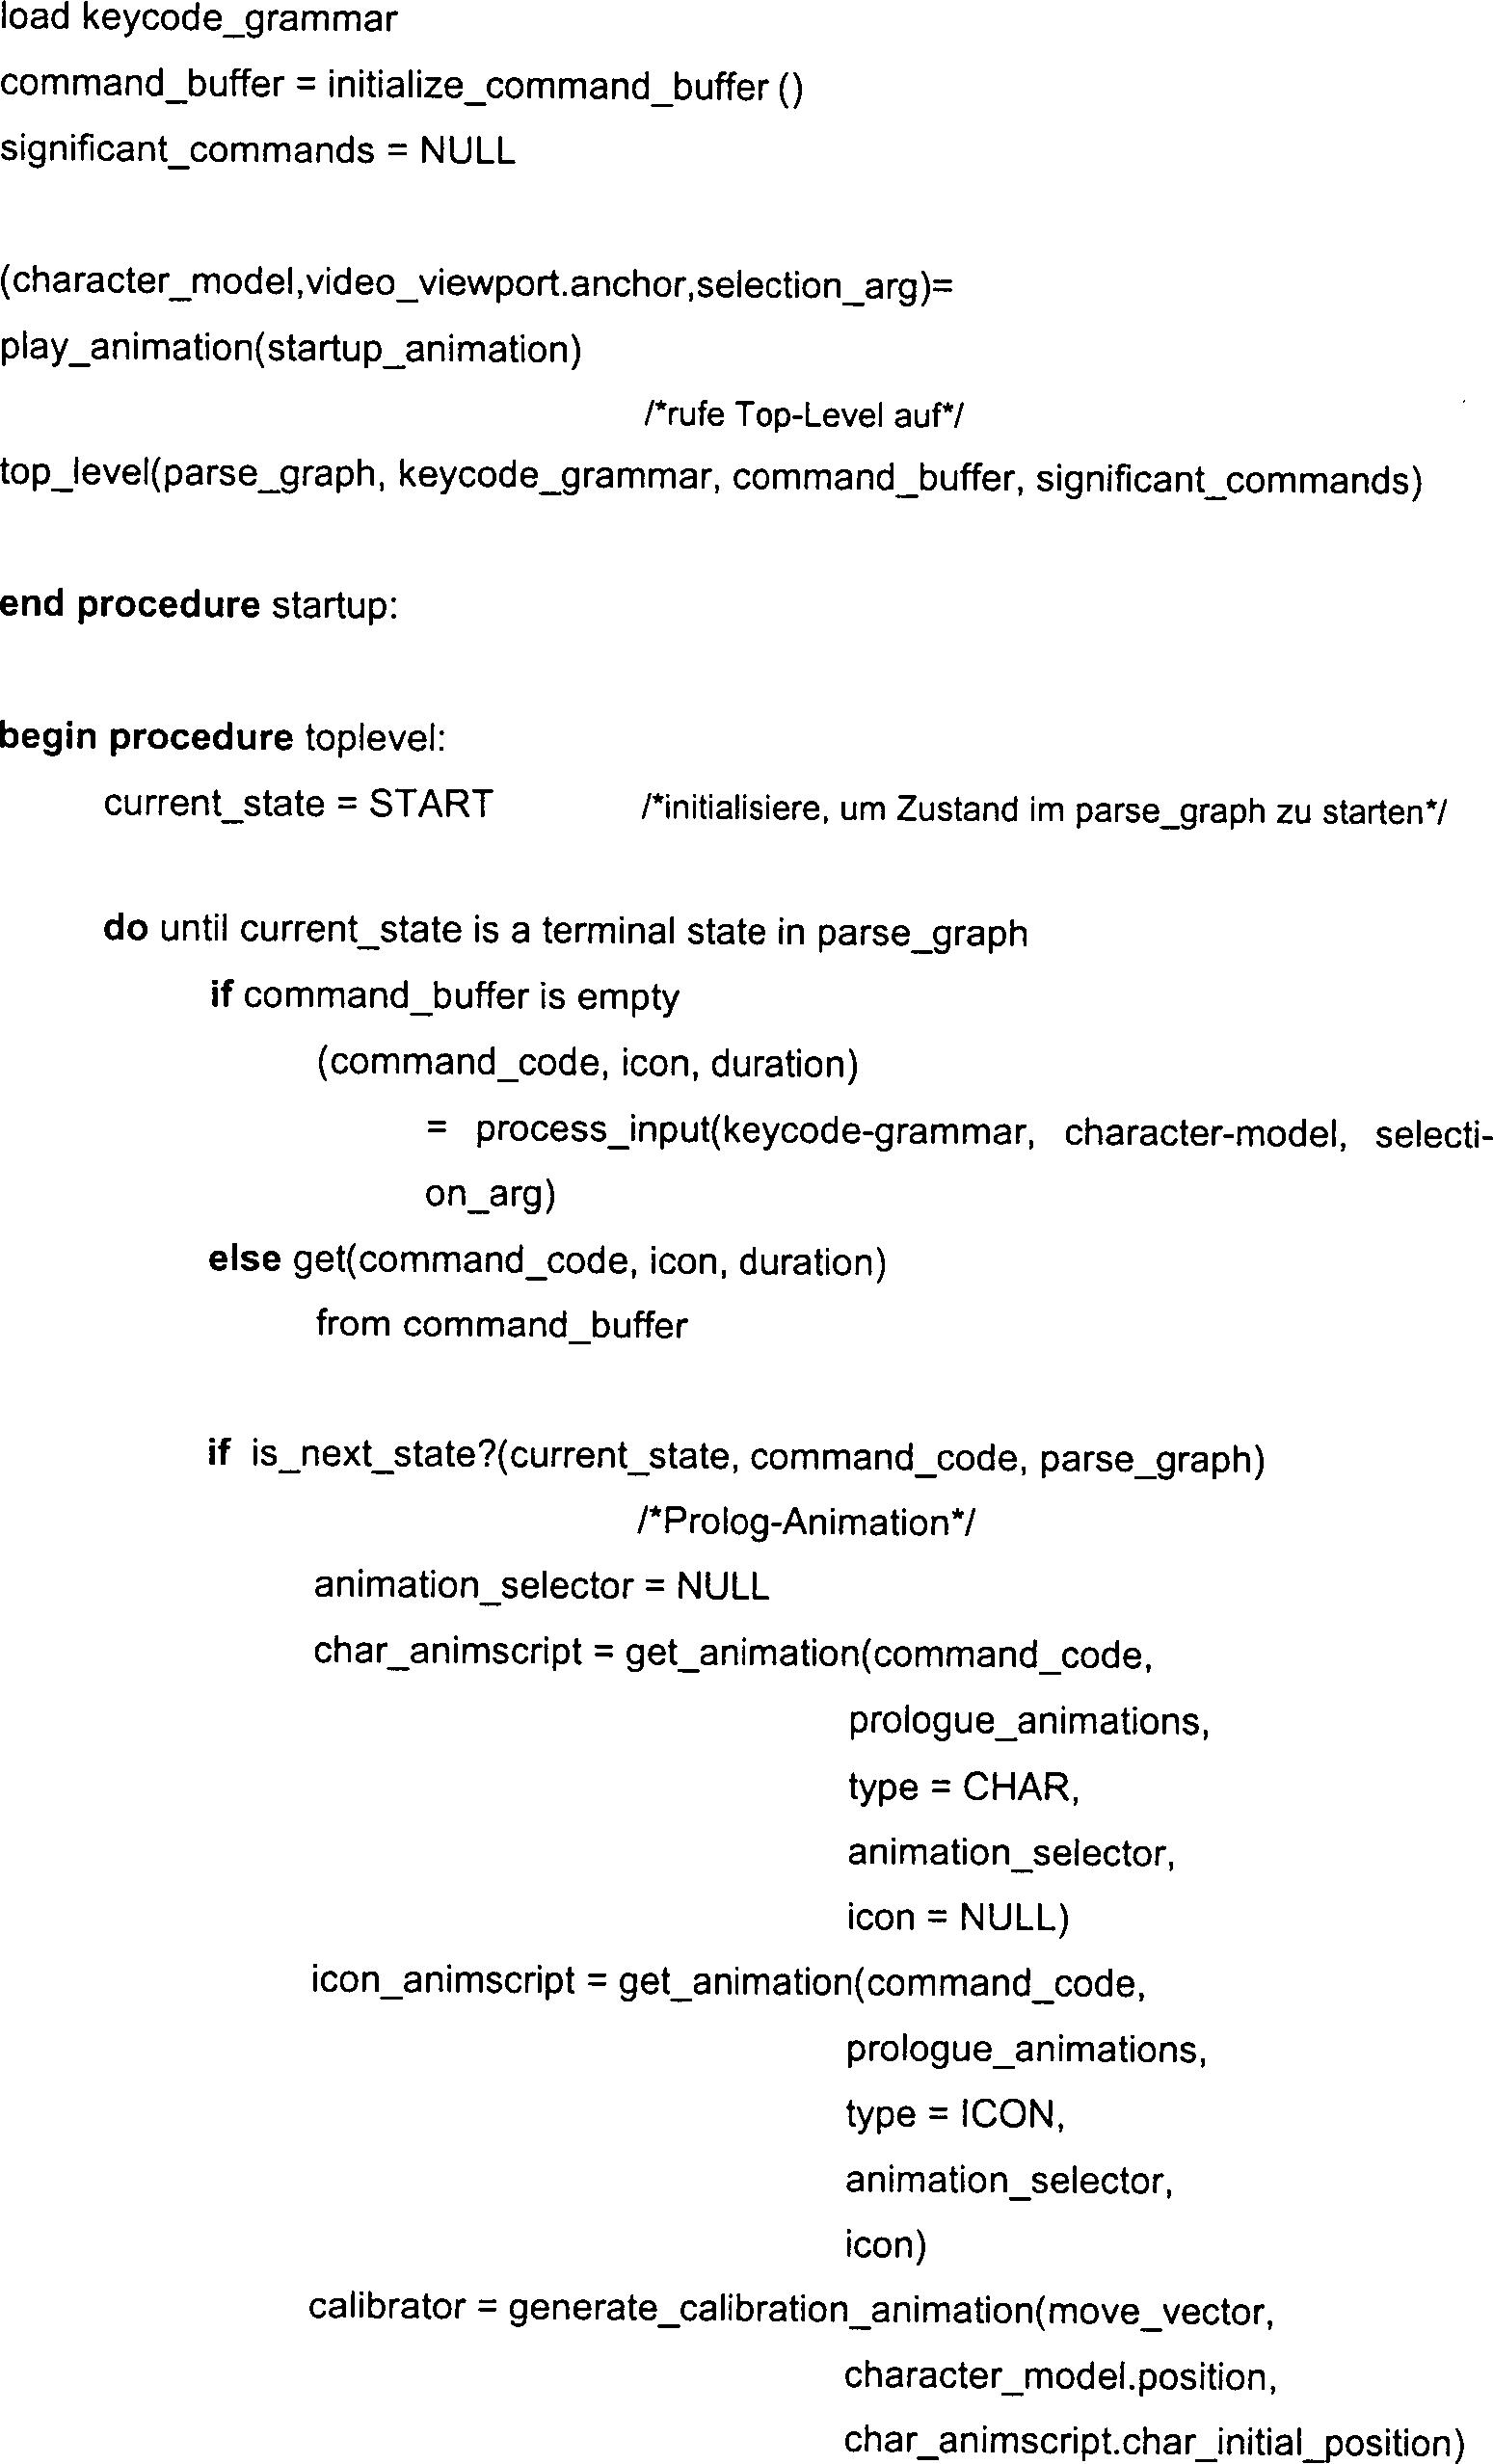 Niedlich Mol Masse Und Partikel Arbeitsblatt Antworten Ideen - Super ...